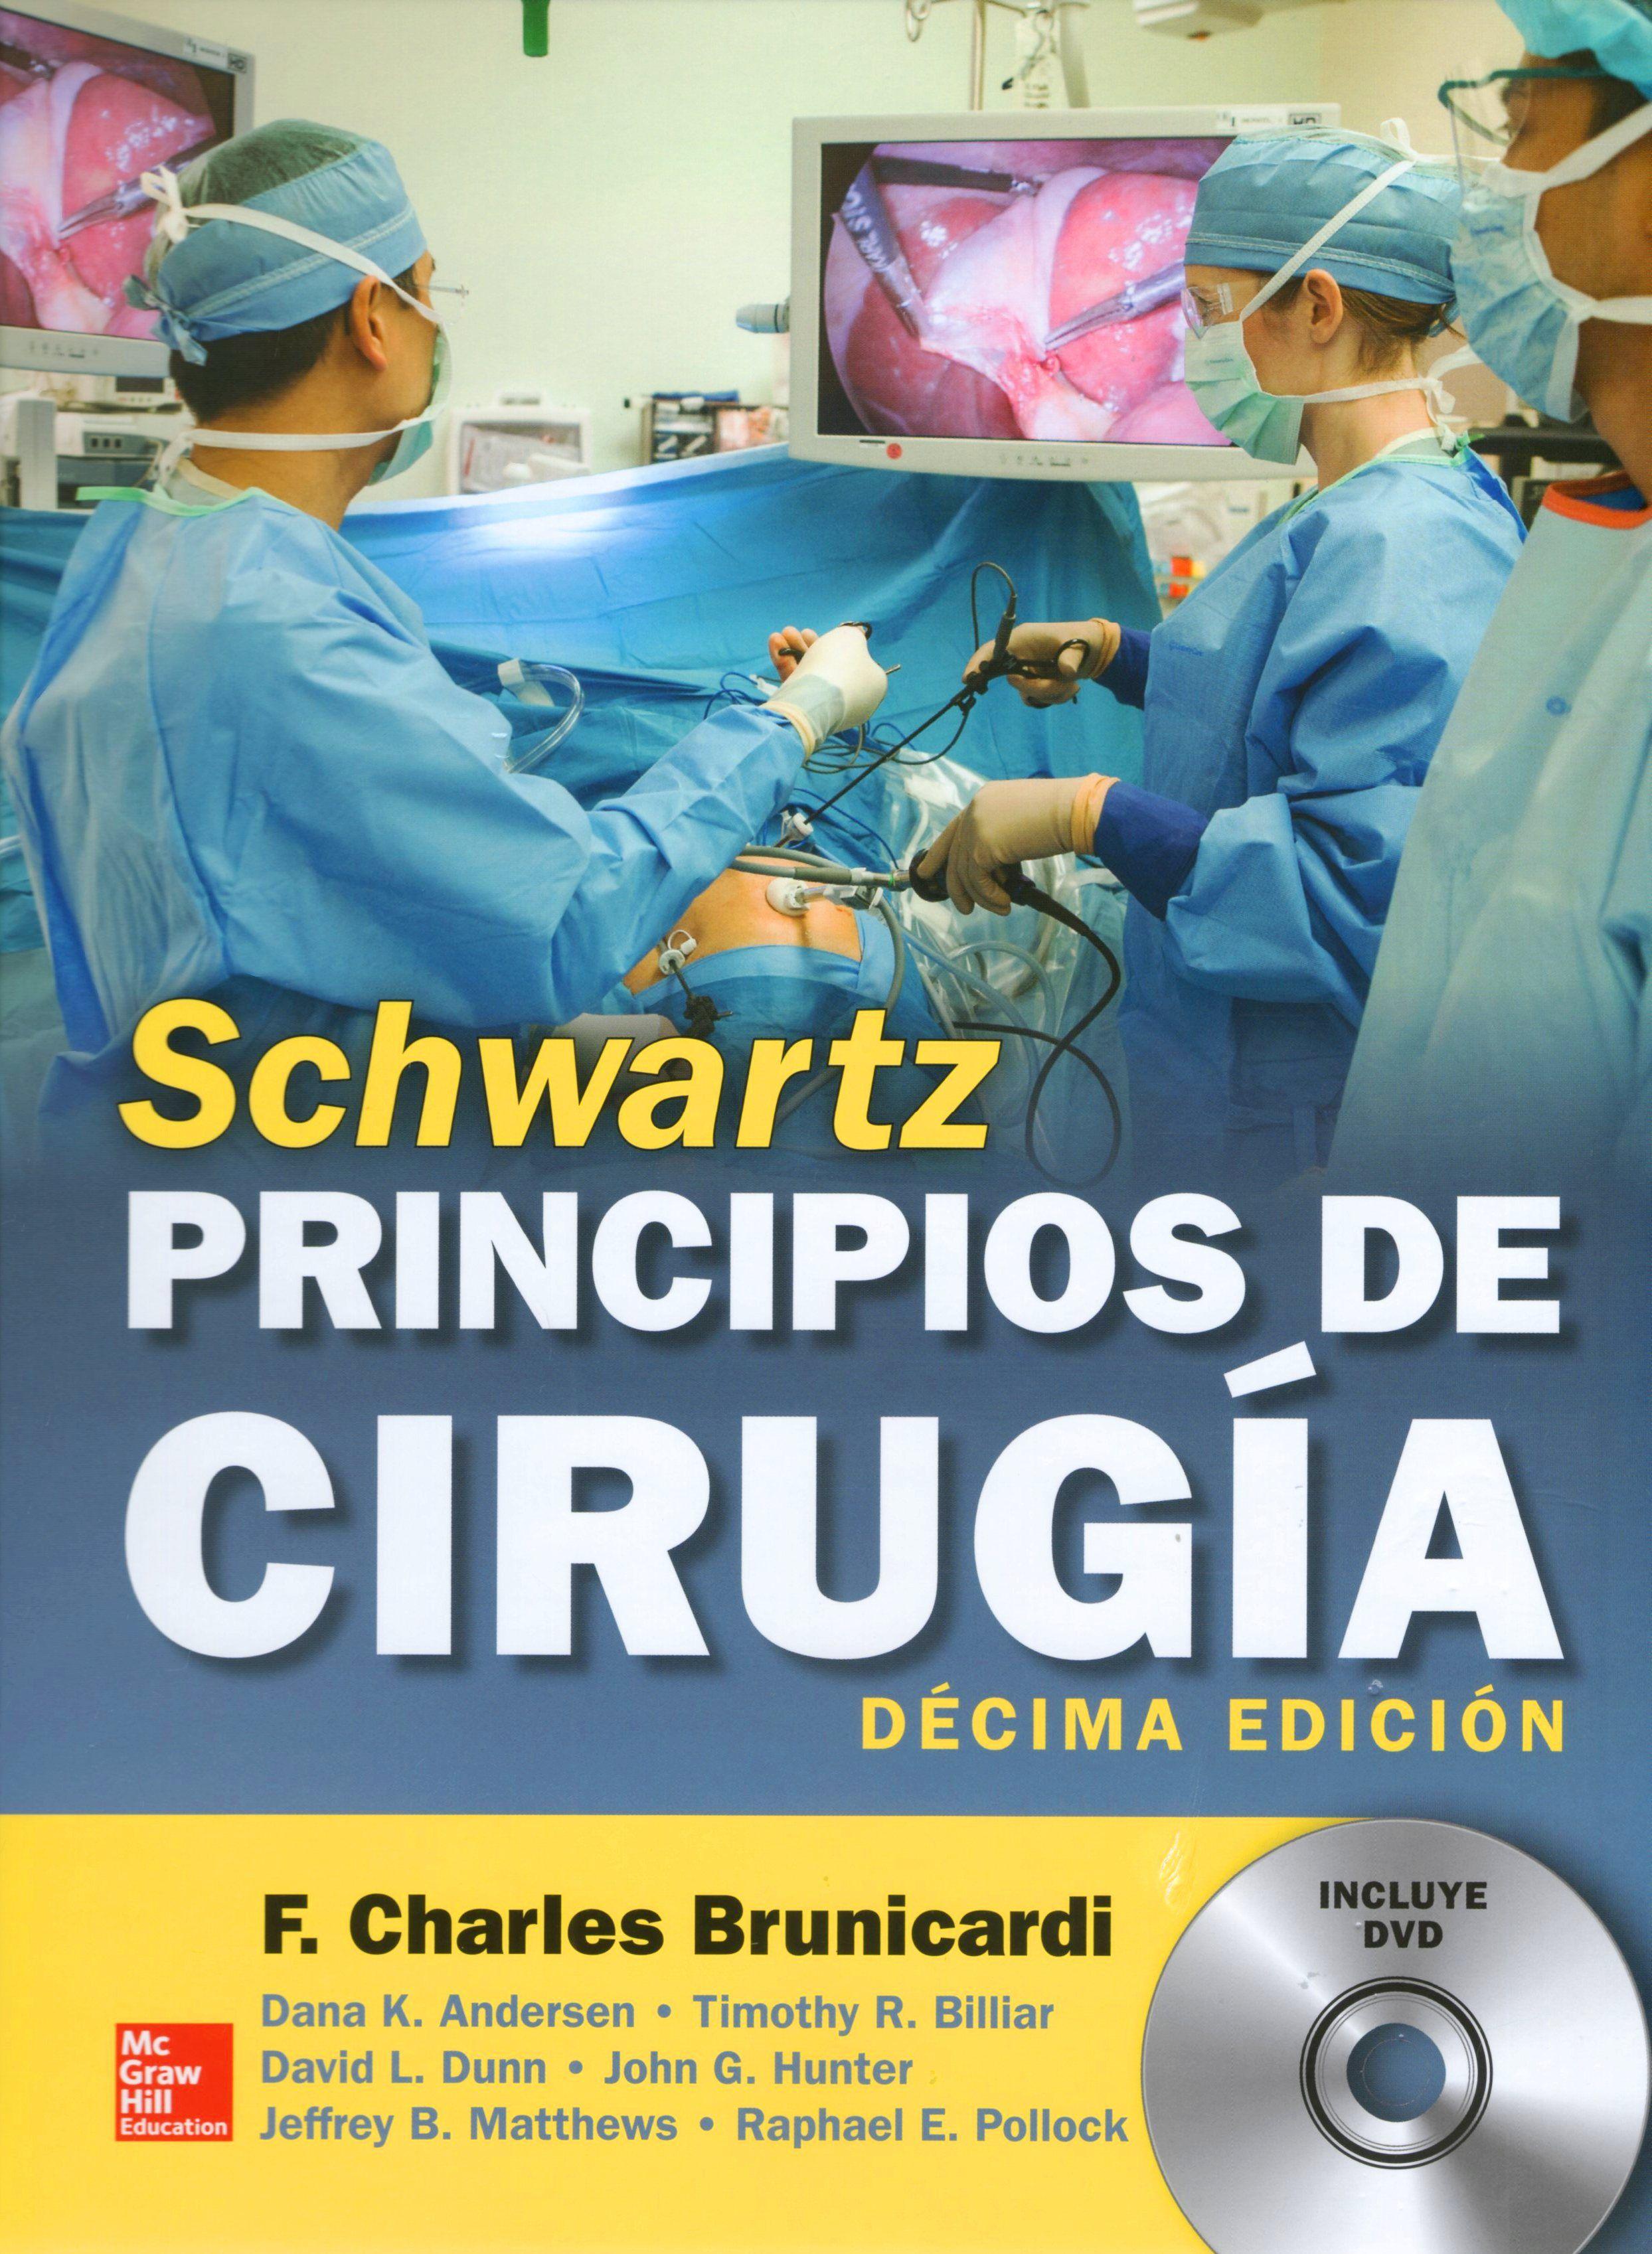 Principios de cirugía [de] Schwartz : 10a ed.\